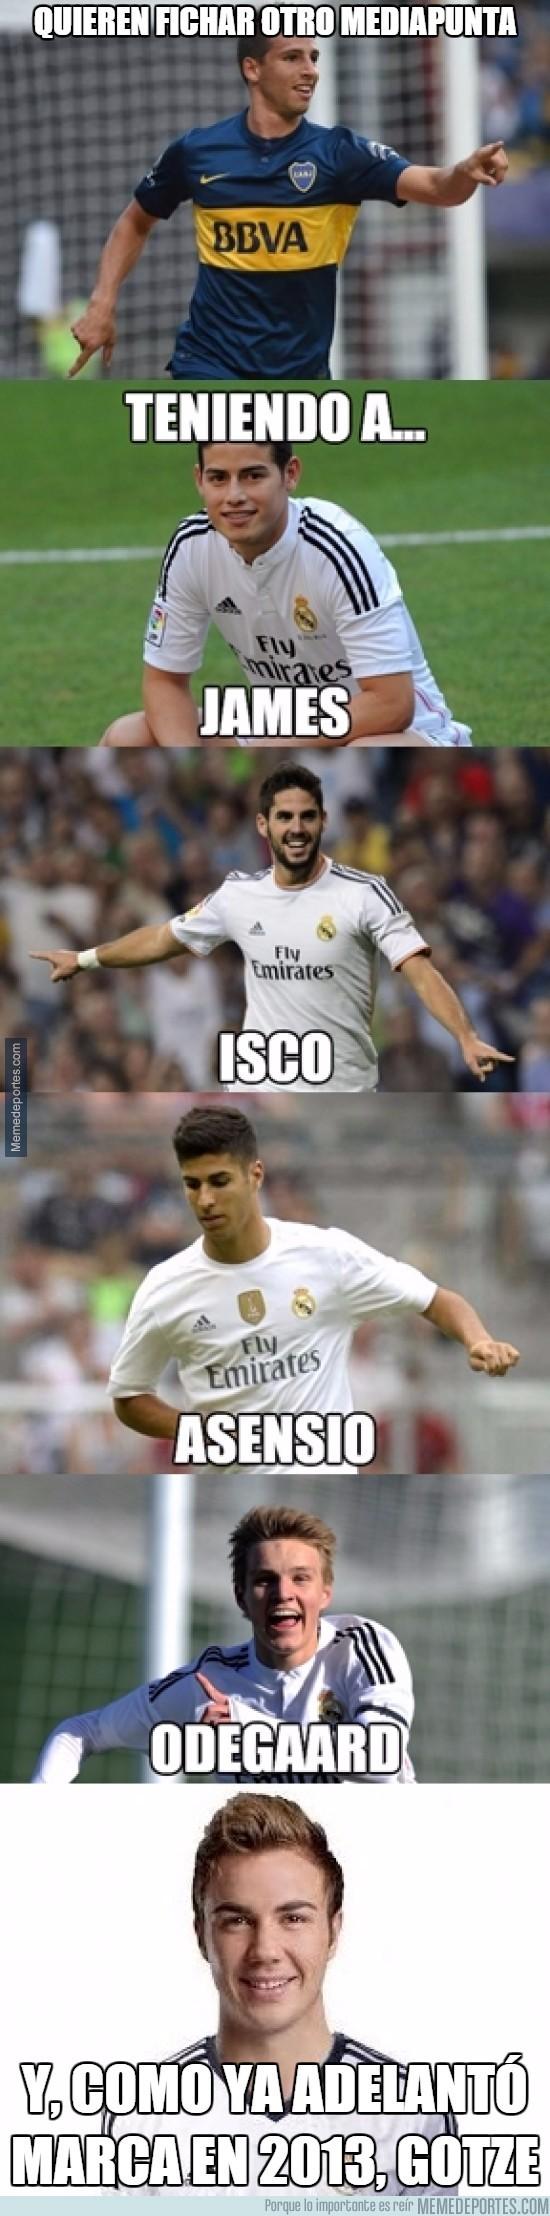 786150 - En el Madrid quieren fichar otro mediapunta